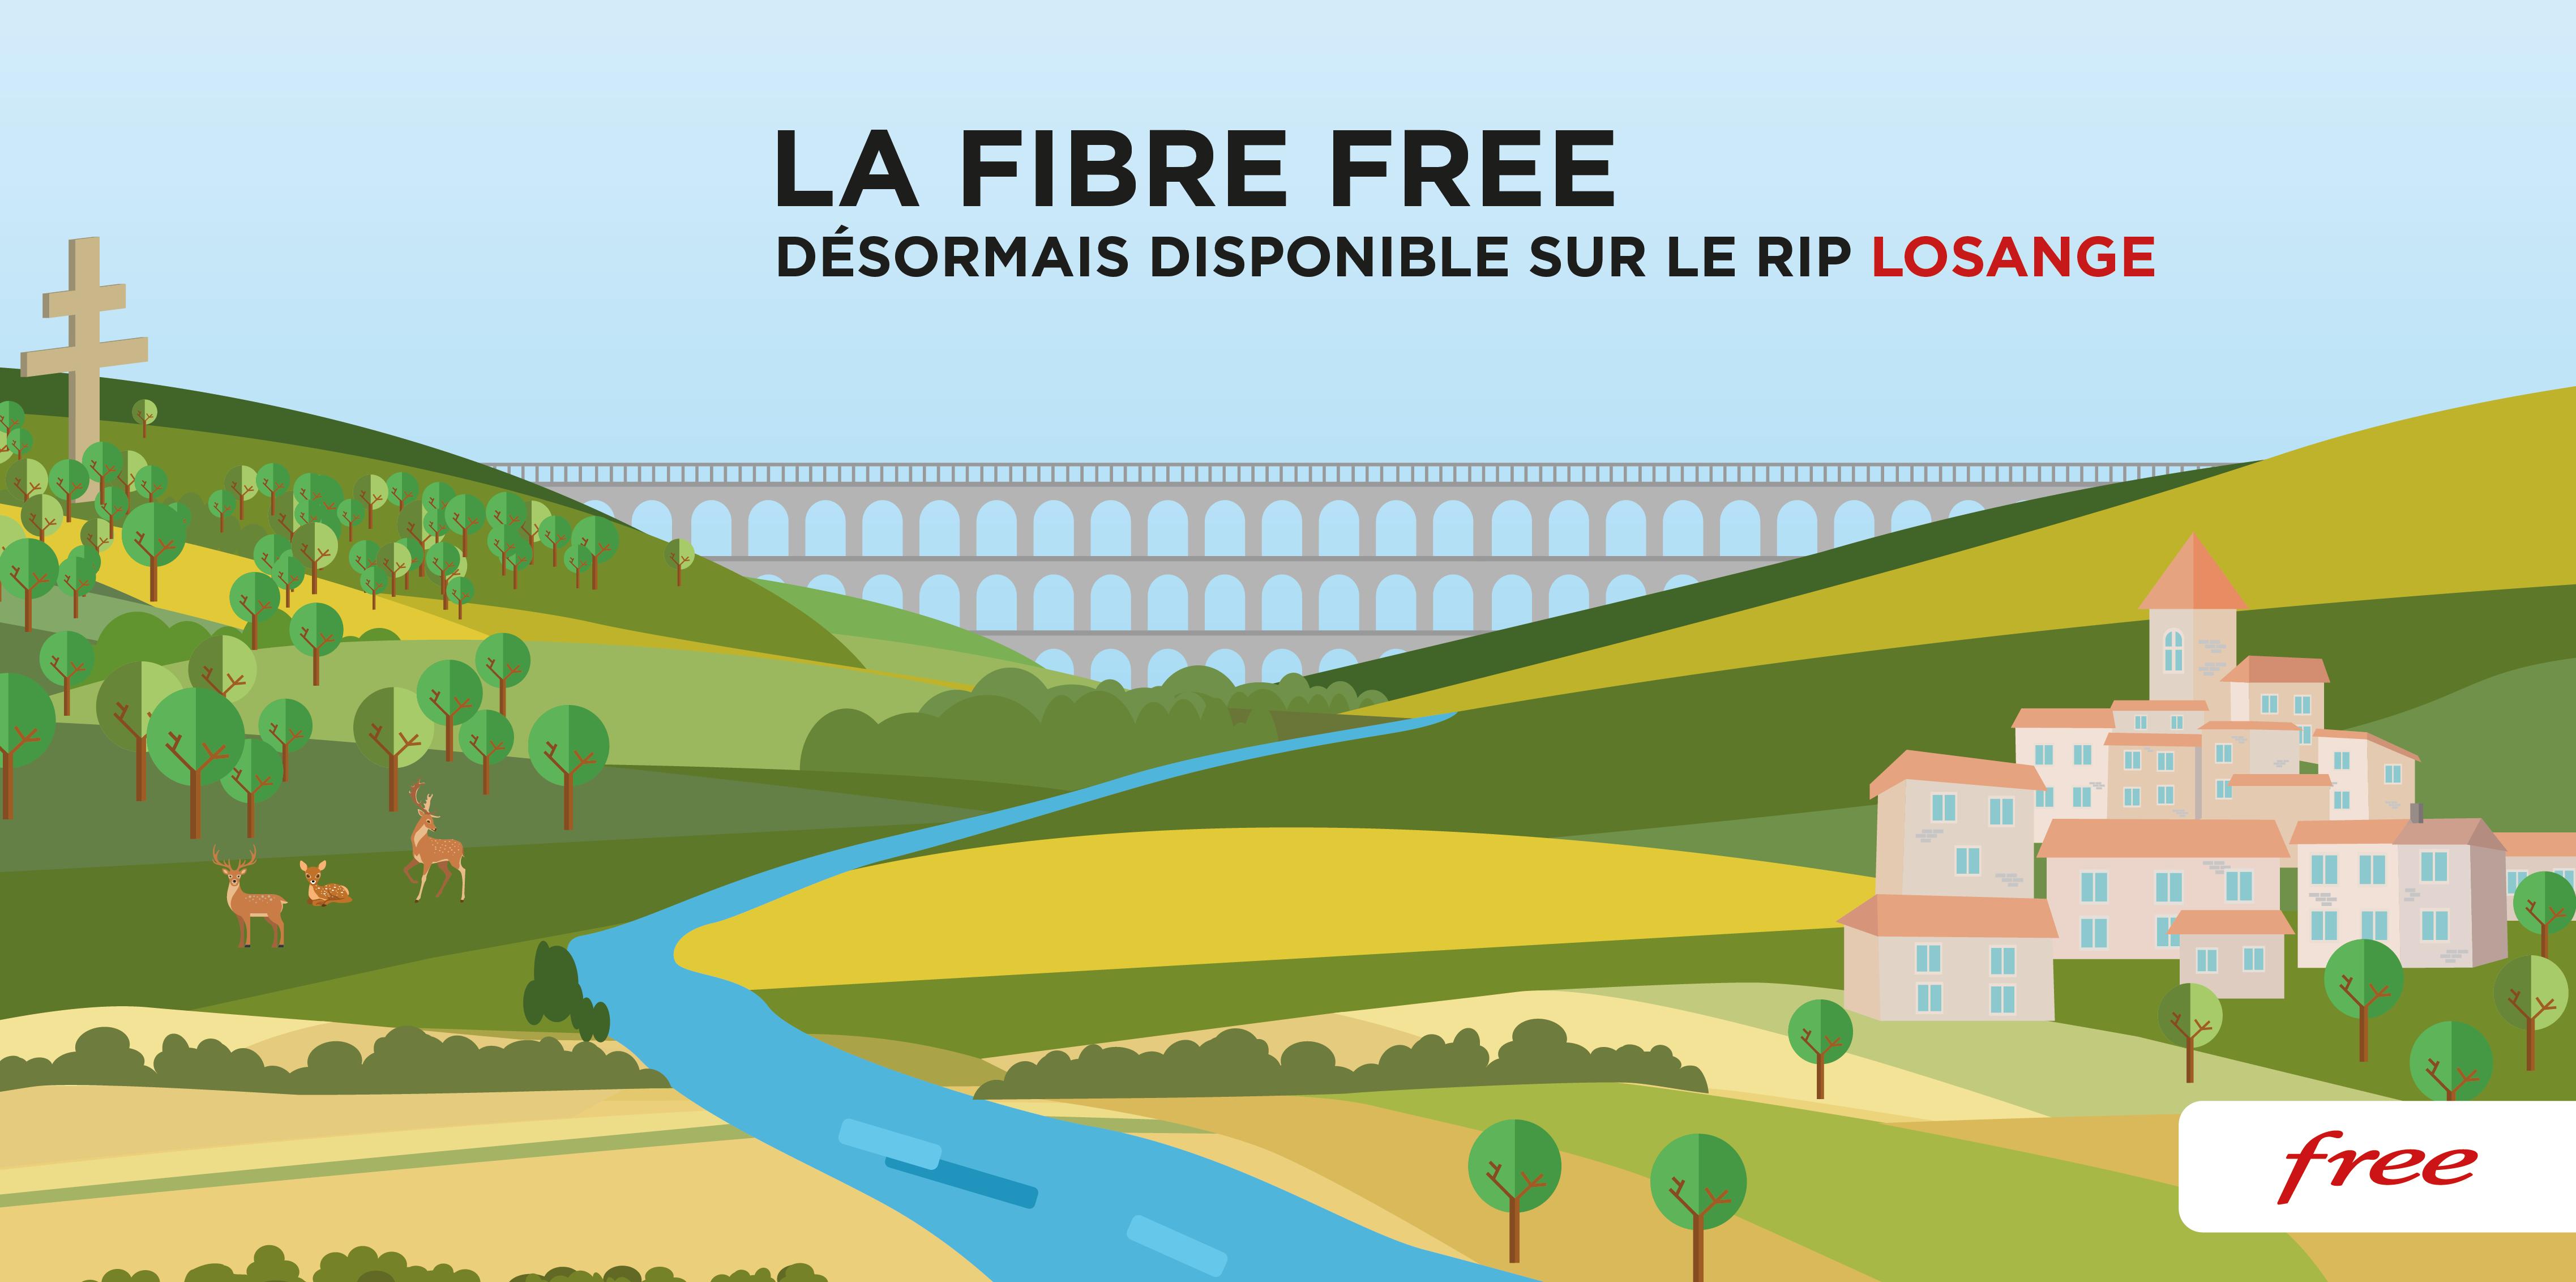 La Fibre Free désormais disponible sur le RIP Losange (région Grand Est)